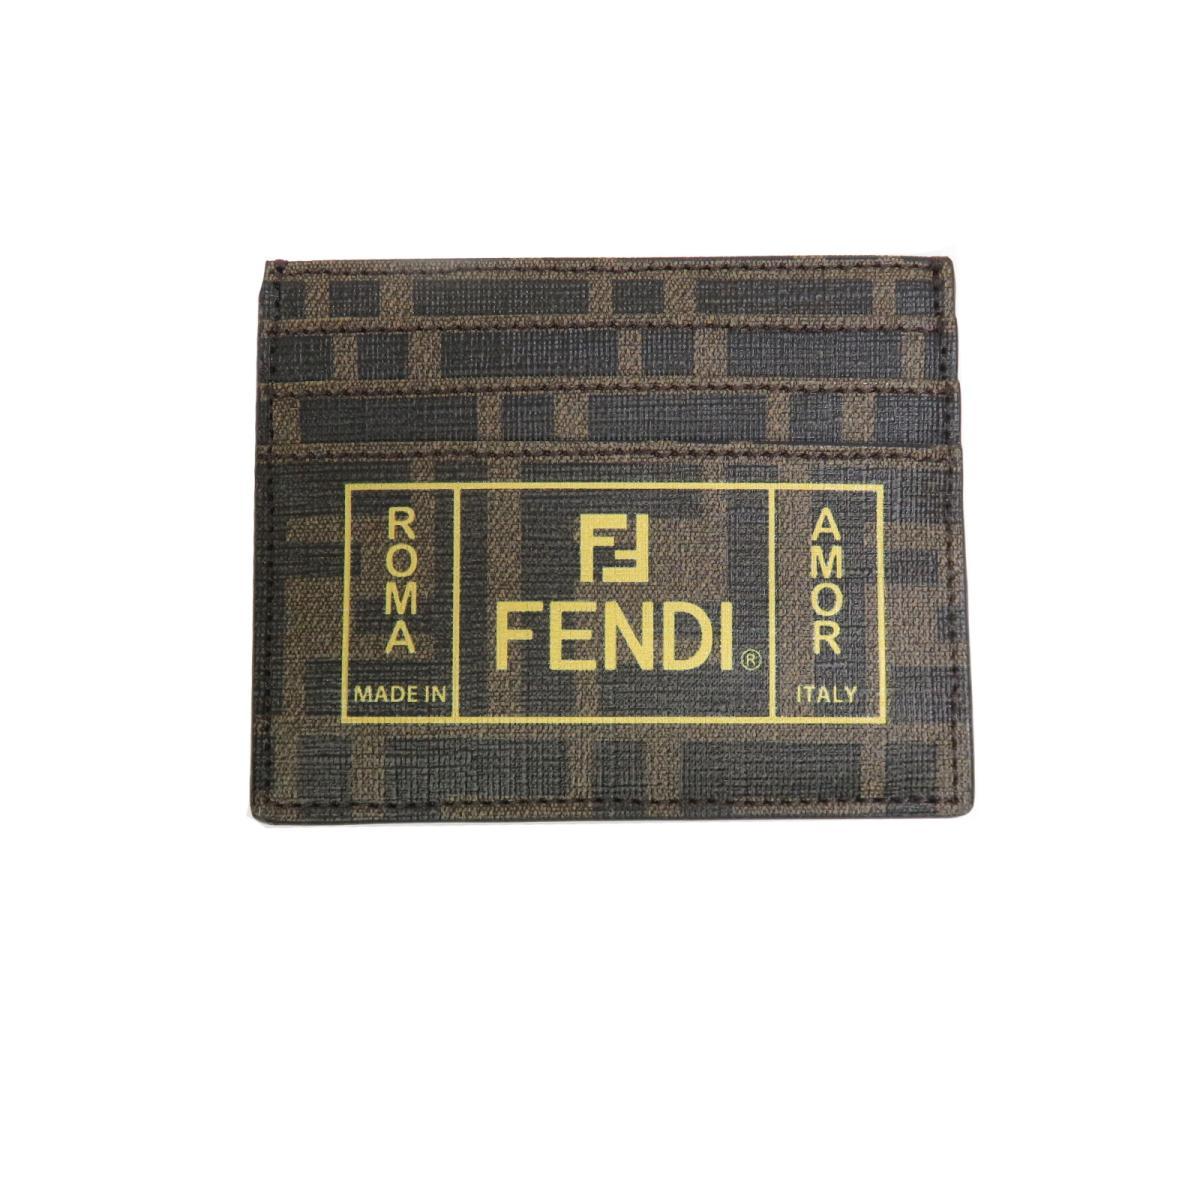 【中古】 フェンディ ファブリック カードケース メンズ レディース 塩化ビニールコーティング ブラウン (7M0164A7SBF17HW) | FENDI BRANDOFF ブランドオフ ブランド 定期入れ パスケース